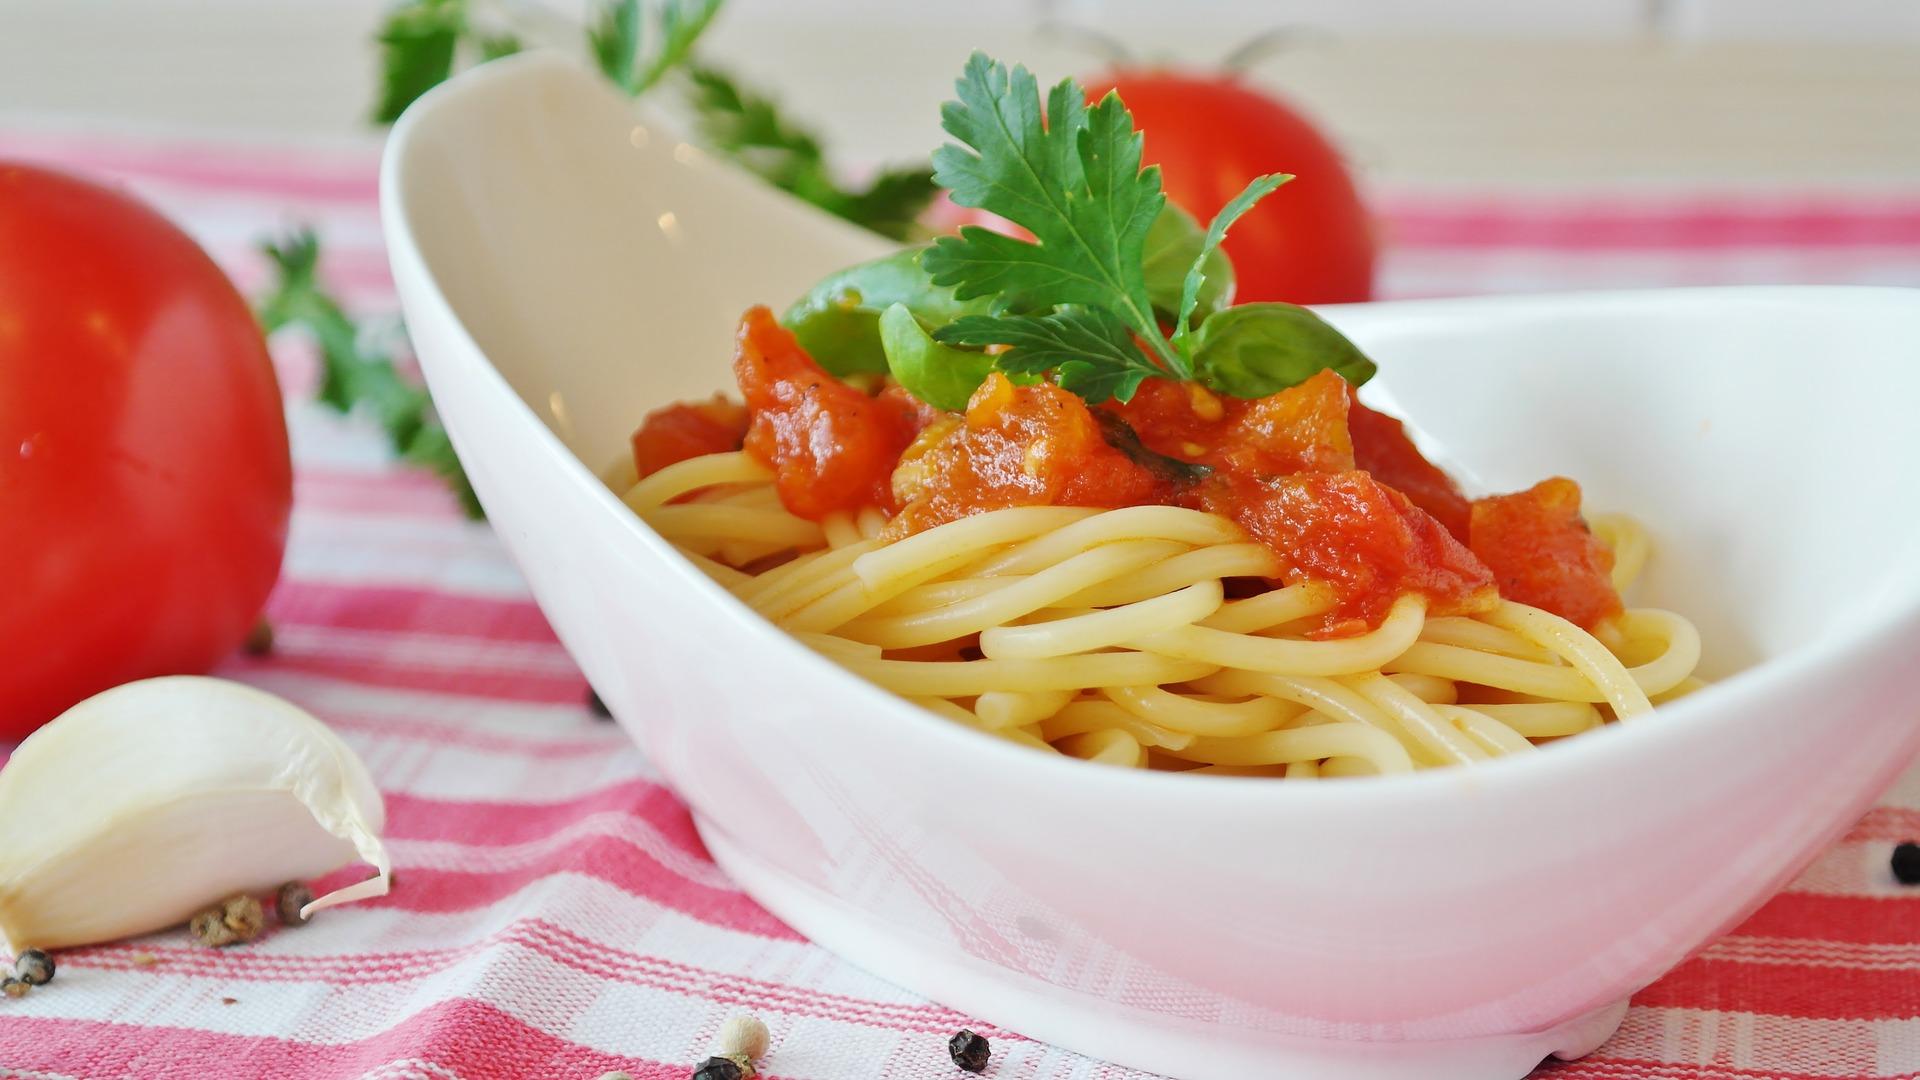 como limpiar una mancha de salsa de tomate o de ketchup